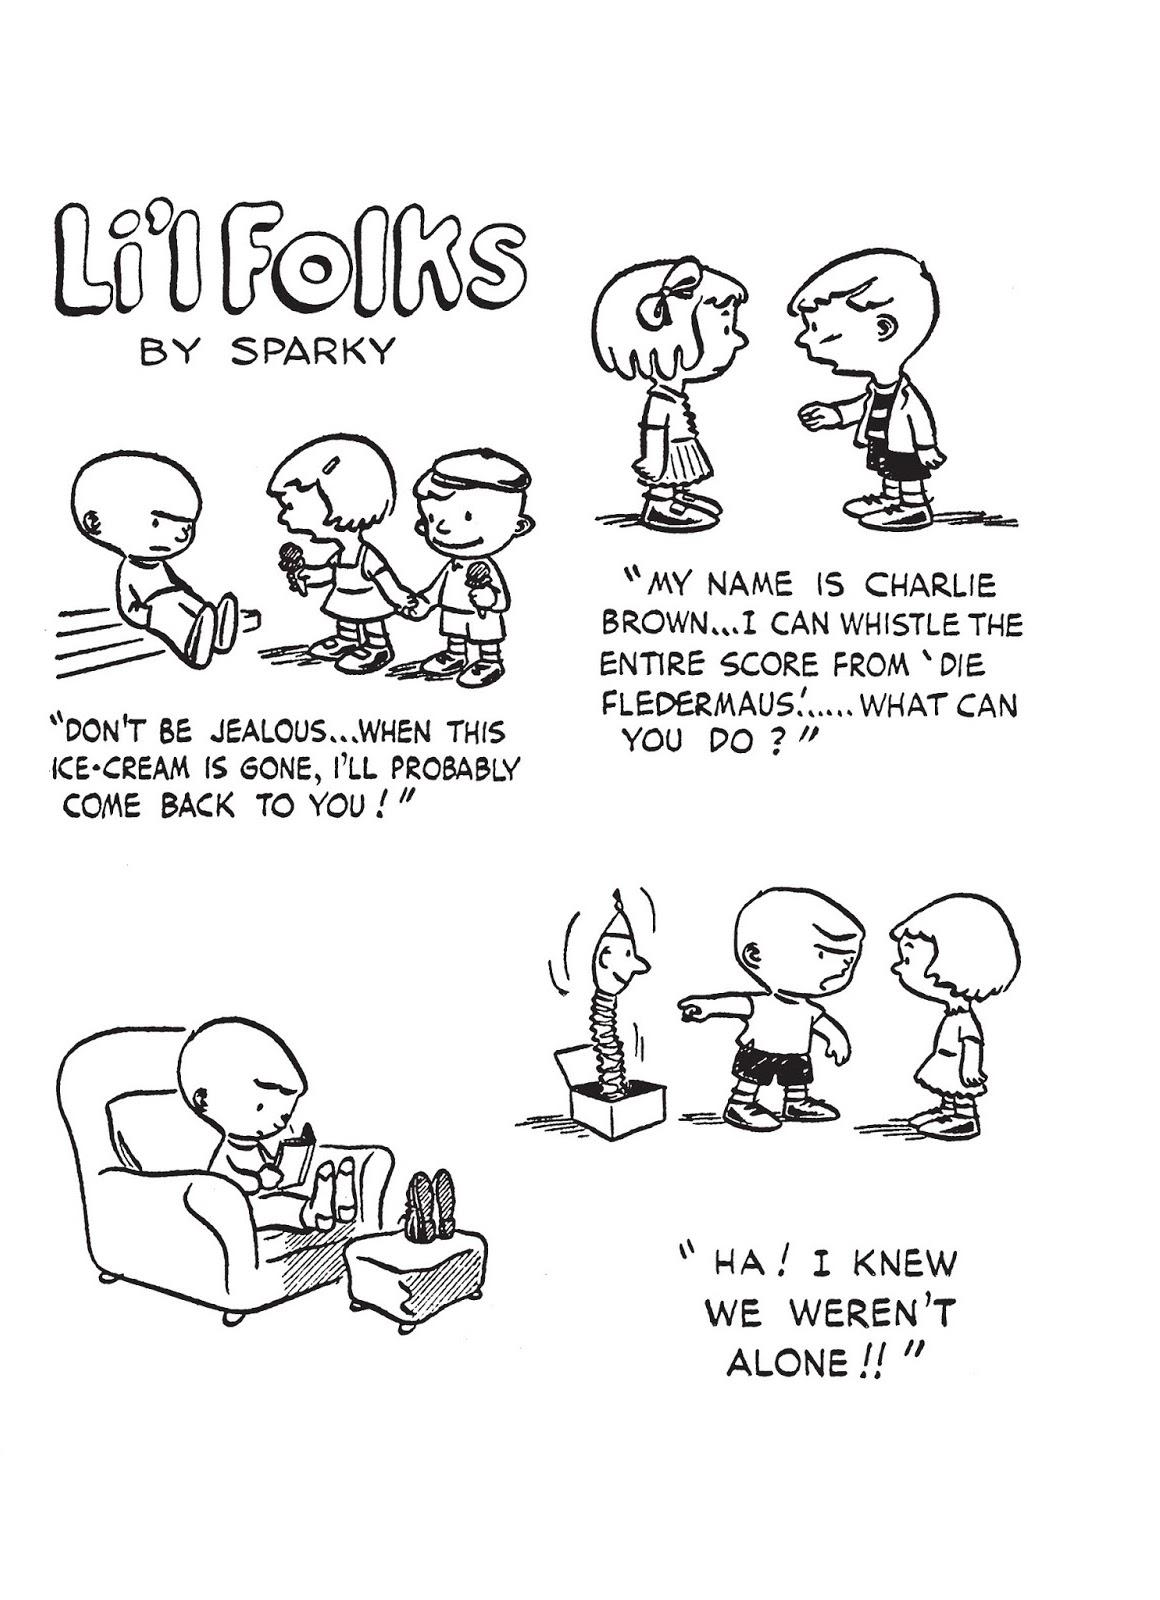 Li'l Folks, September 20 comic strips   Peanuts Wiki   Fandom